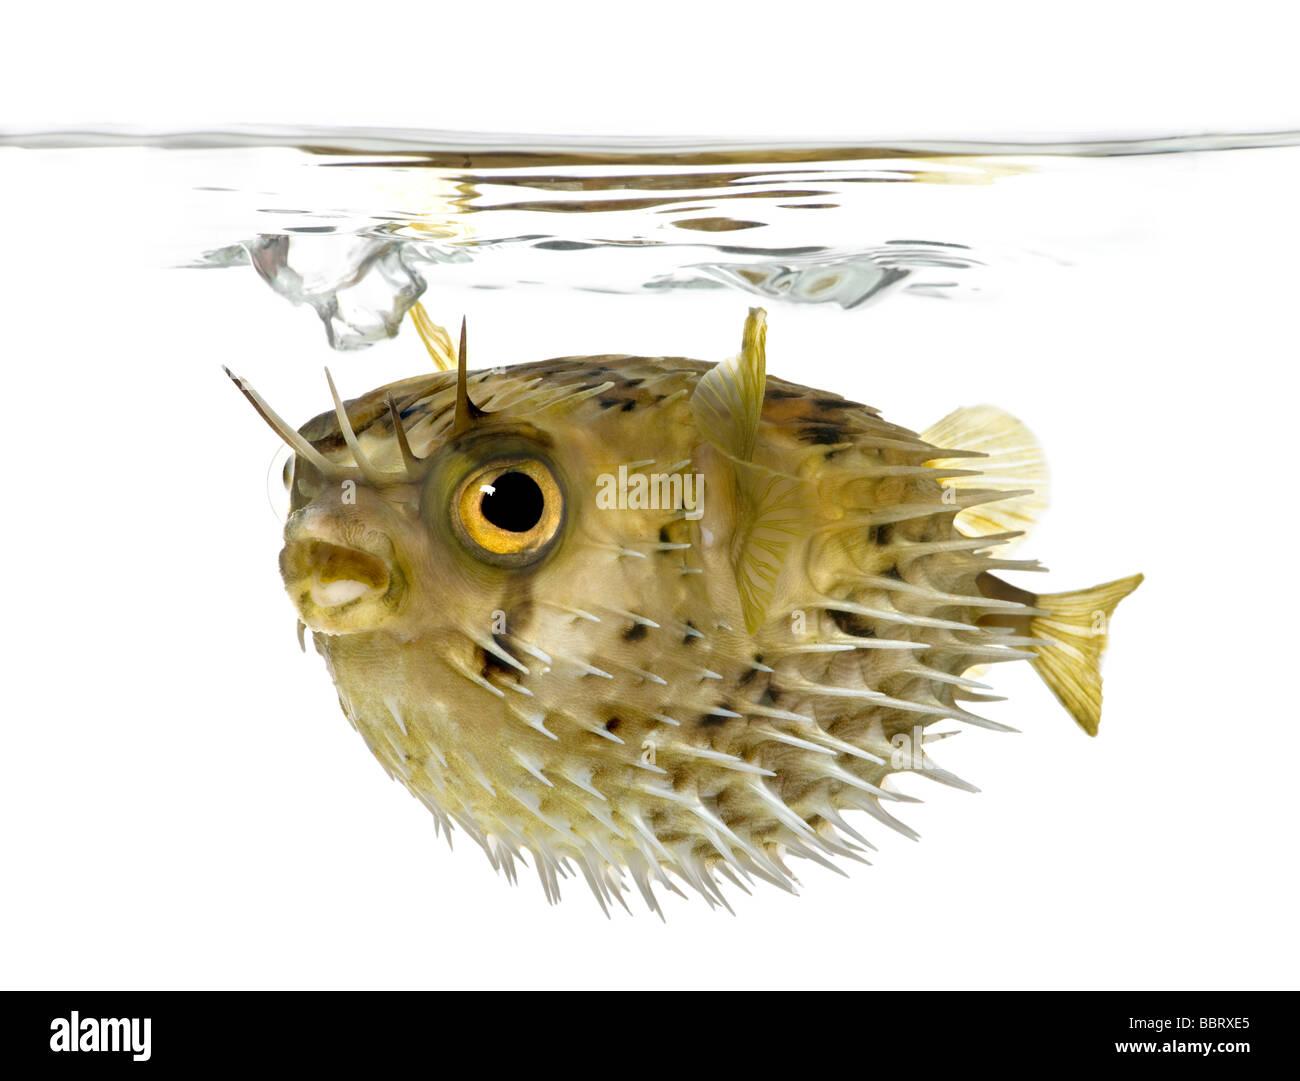 Lomo largo porcupinefish también se conoce como espinosas Diodon holocanthus balloonfish delante de un fondo Imagen De Stock